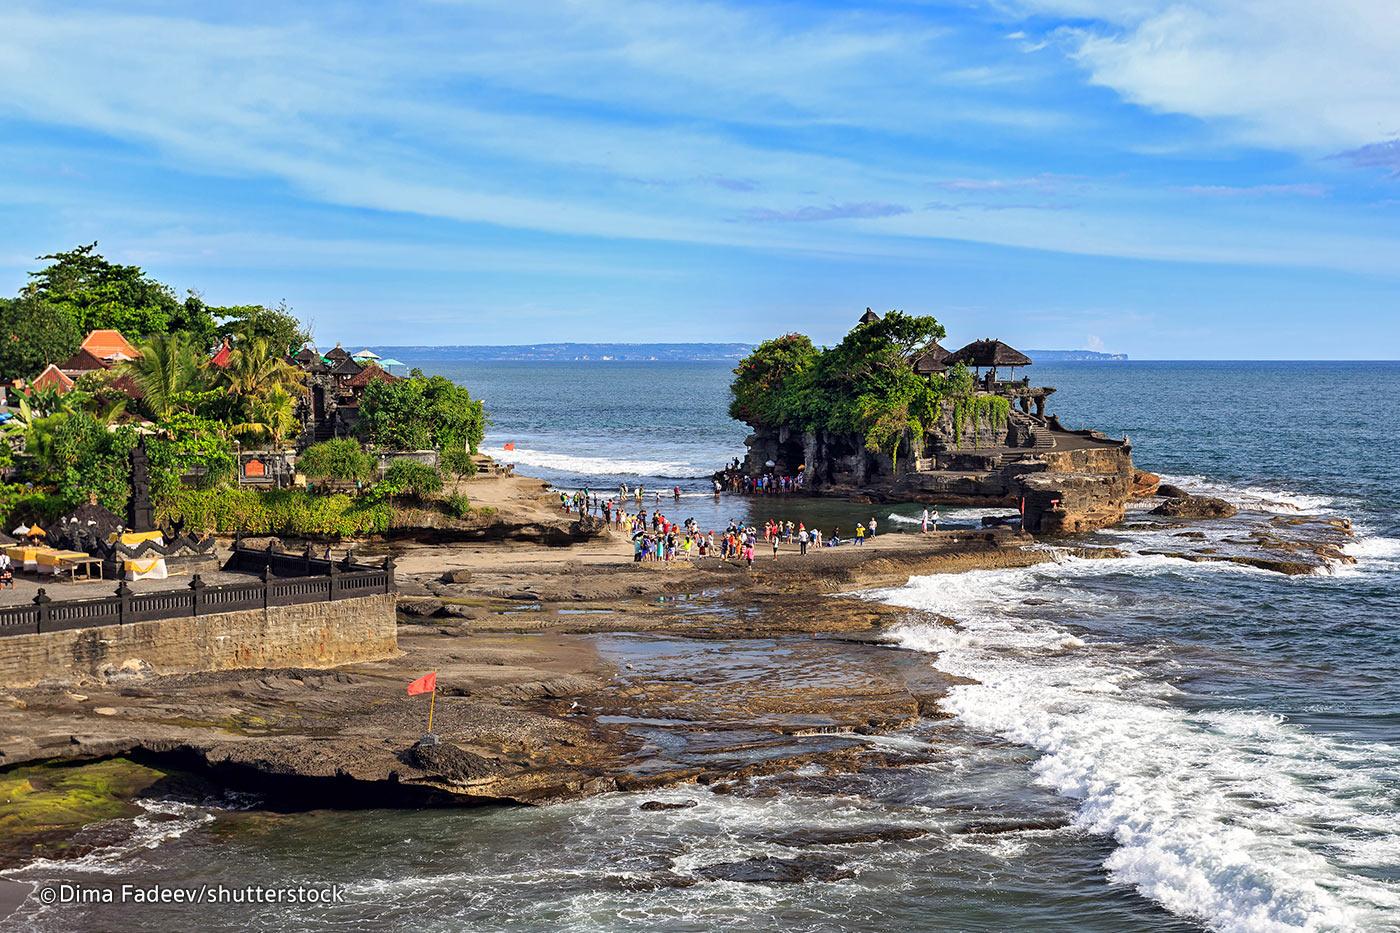 【バリ島観光 チャーター車日帰りツアー】タナロット寺院、ウブド市場、Royal Pita Mahaでアフタヌーンティ